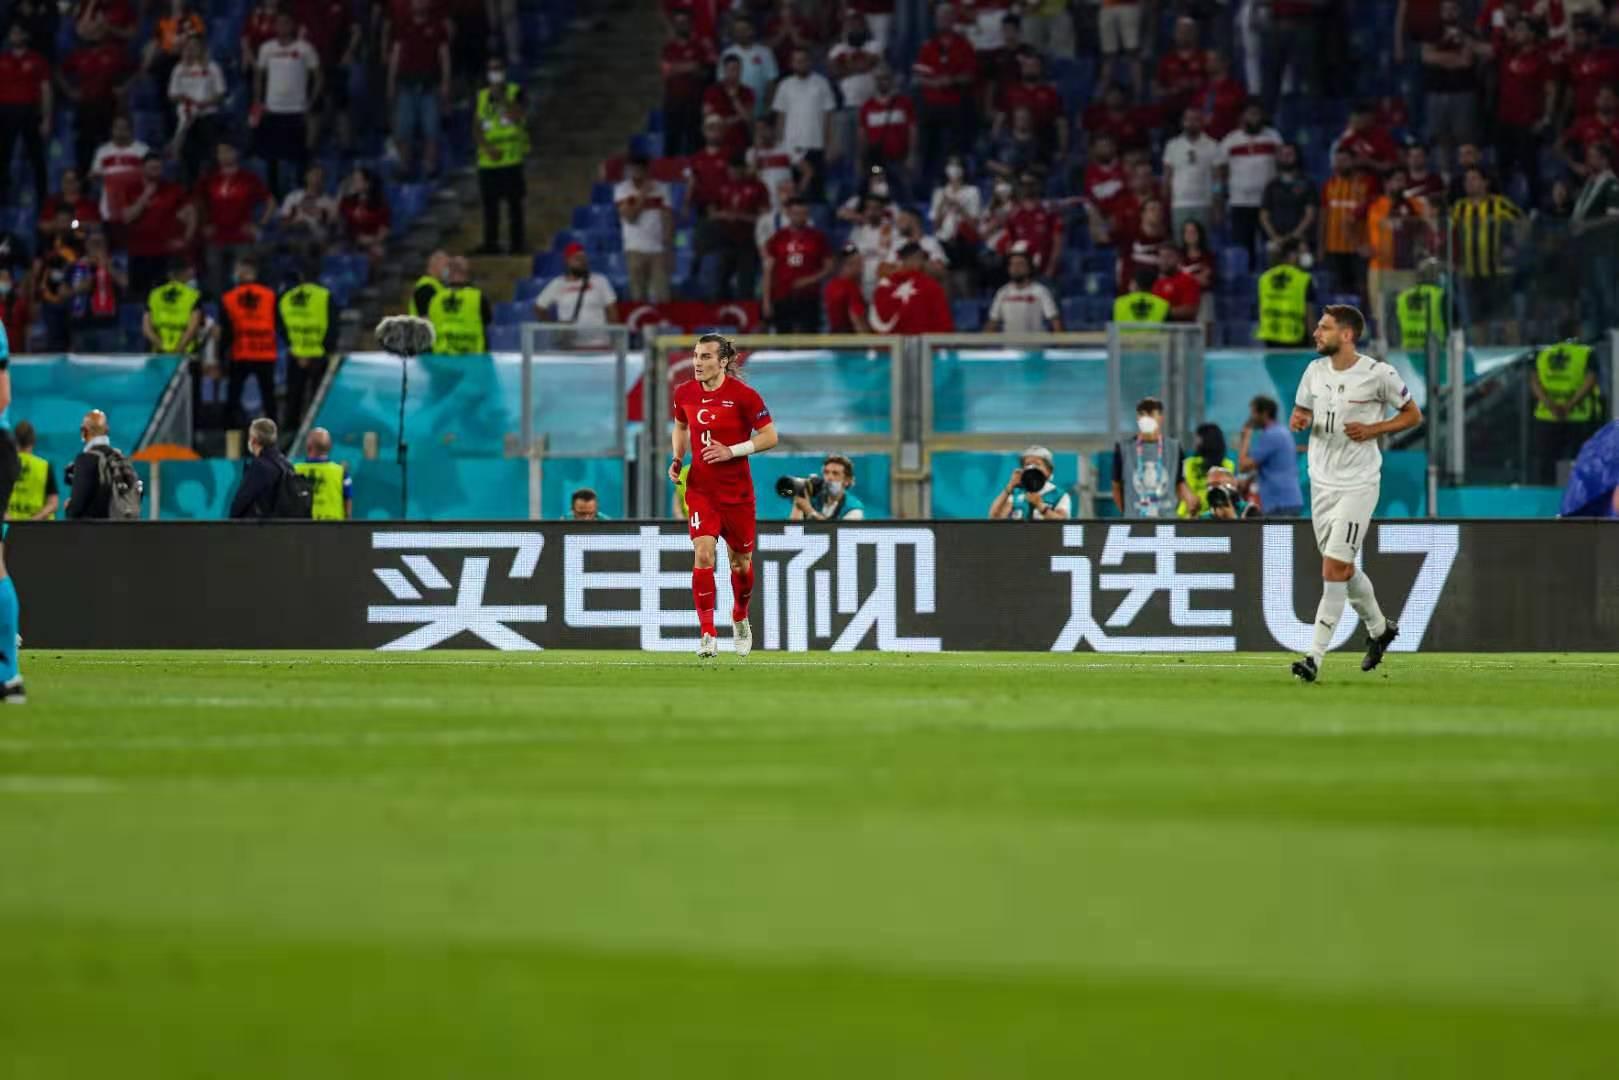 """""""中国队""""海信亮相欧洲杯:U7电视刷屏 世界级品牌加速前行"""